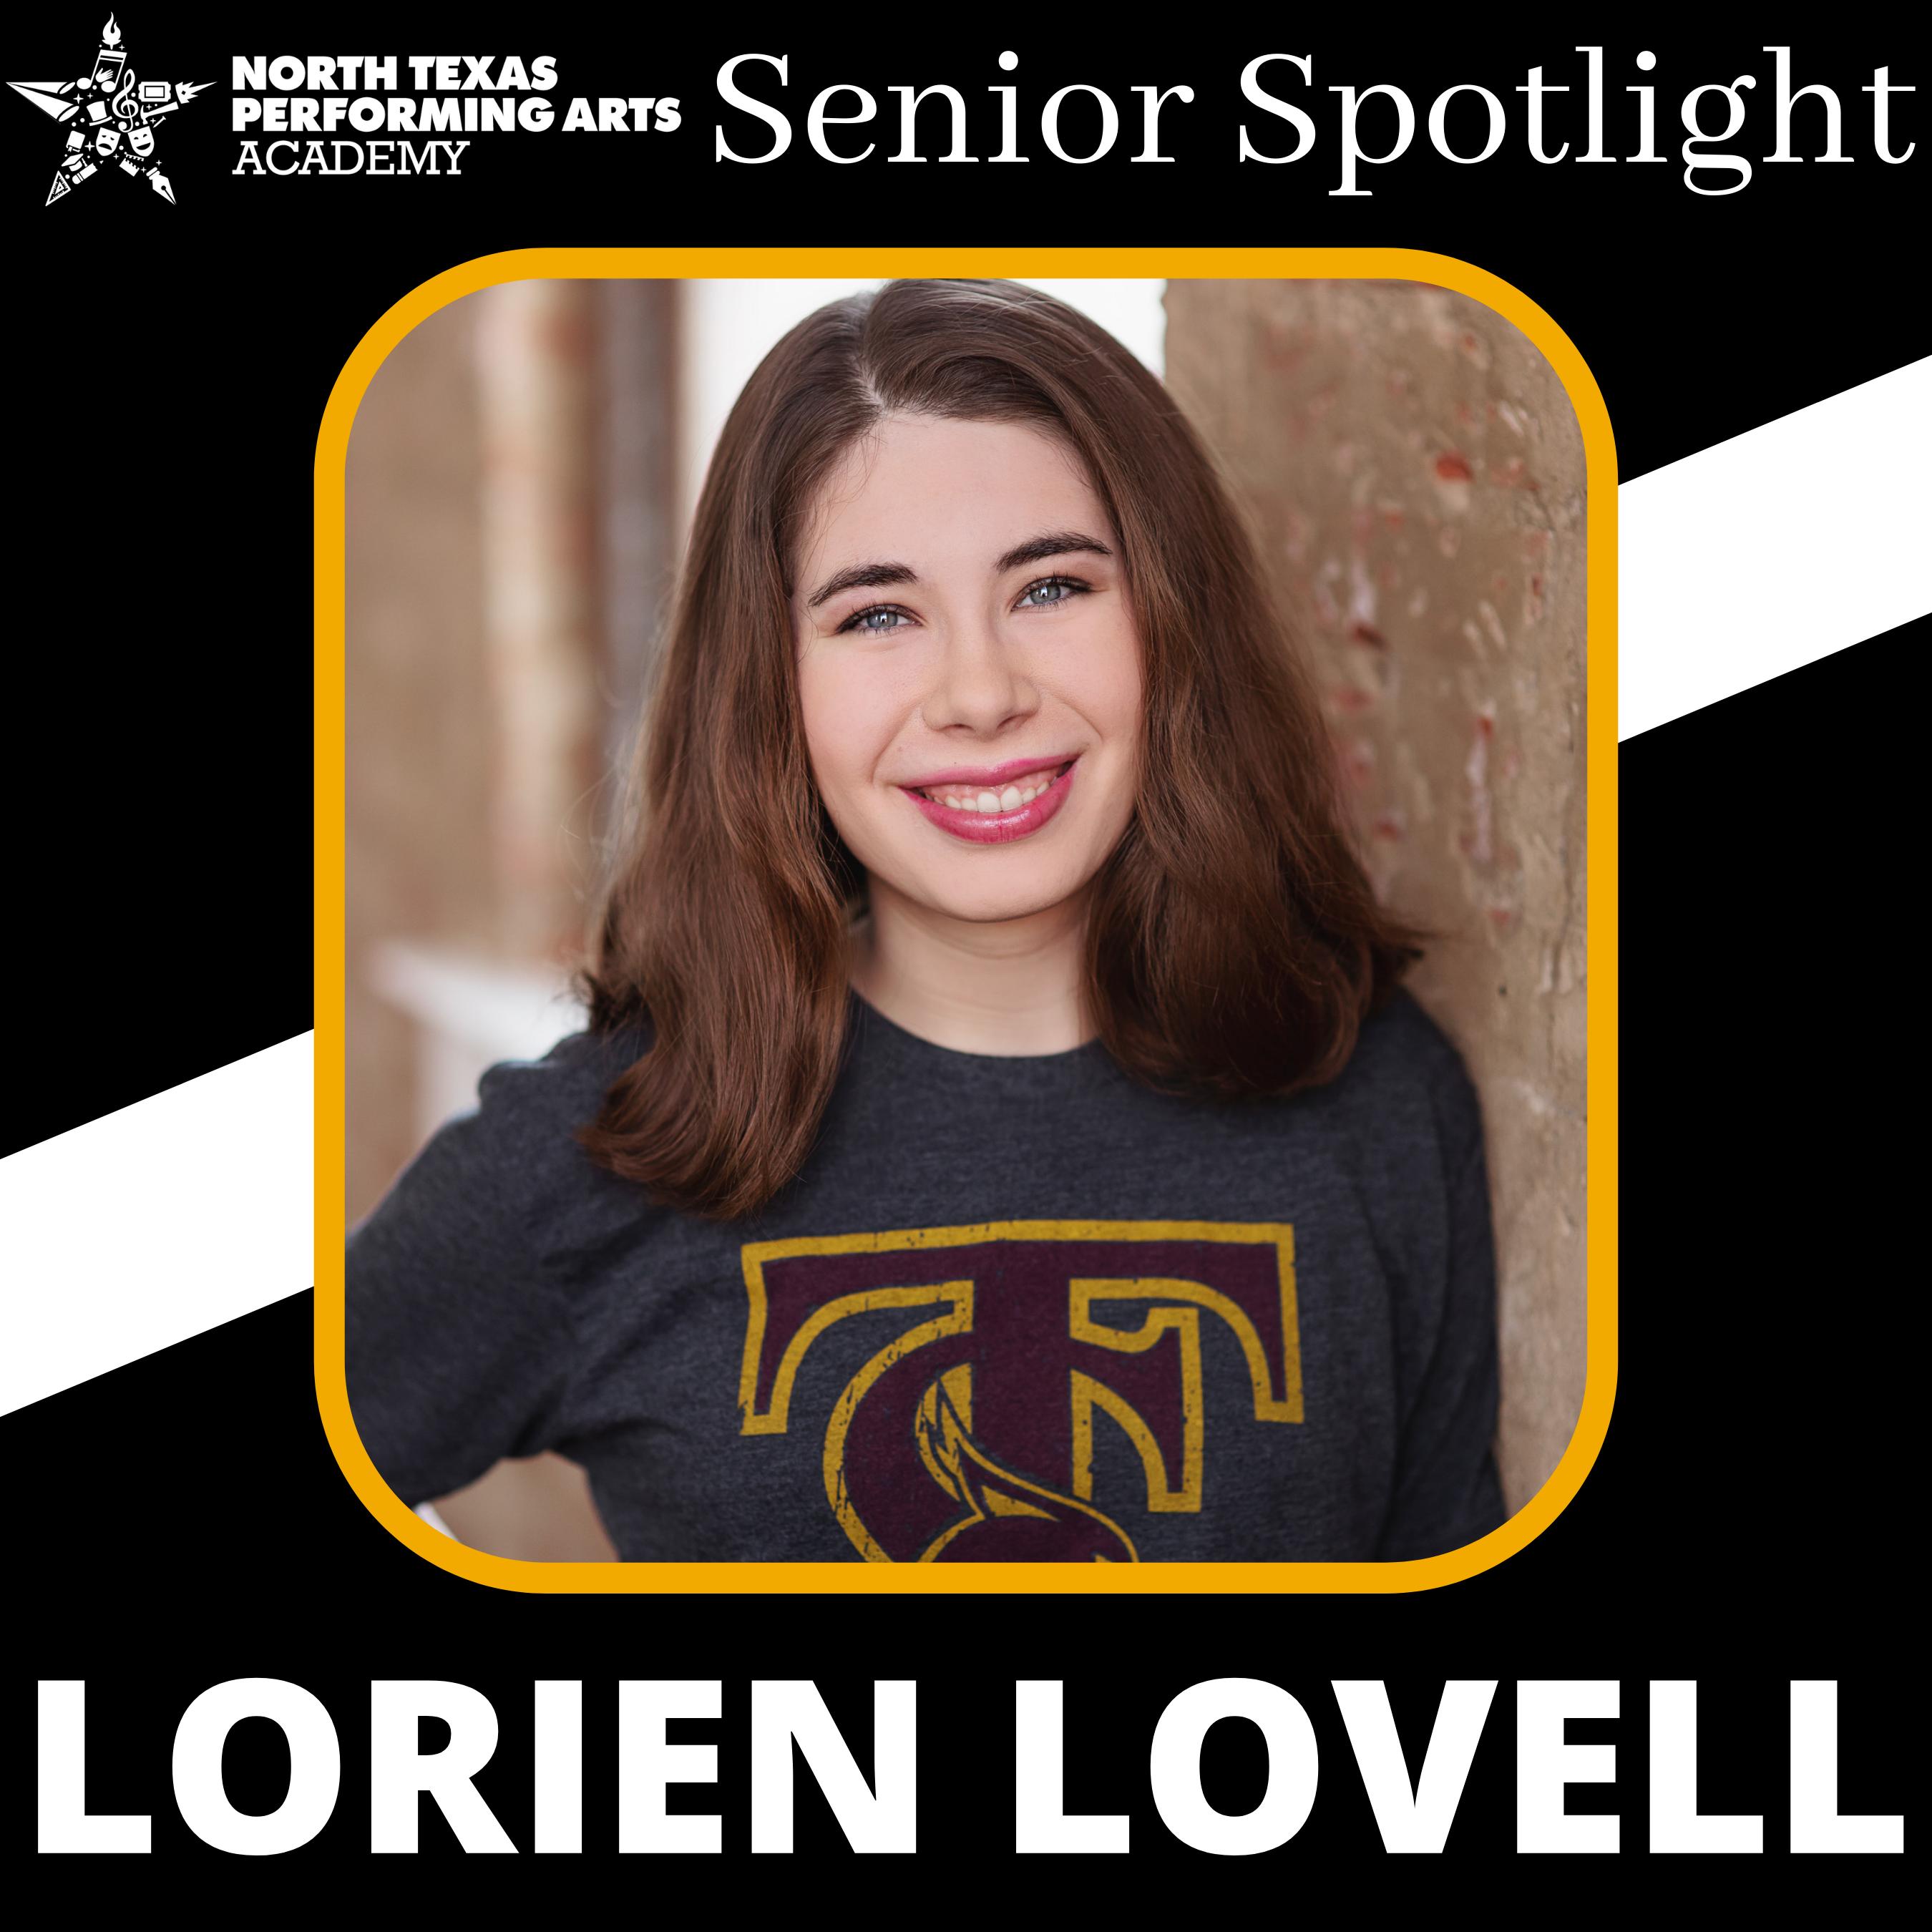 Lorien Lovell headshot